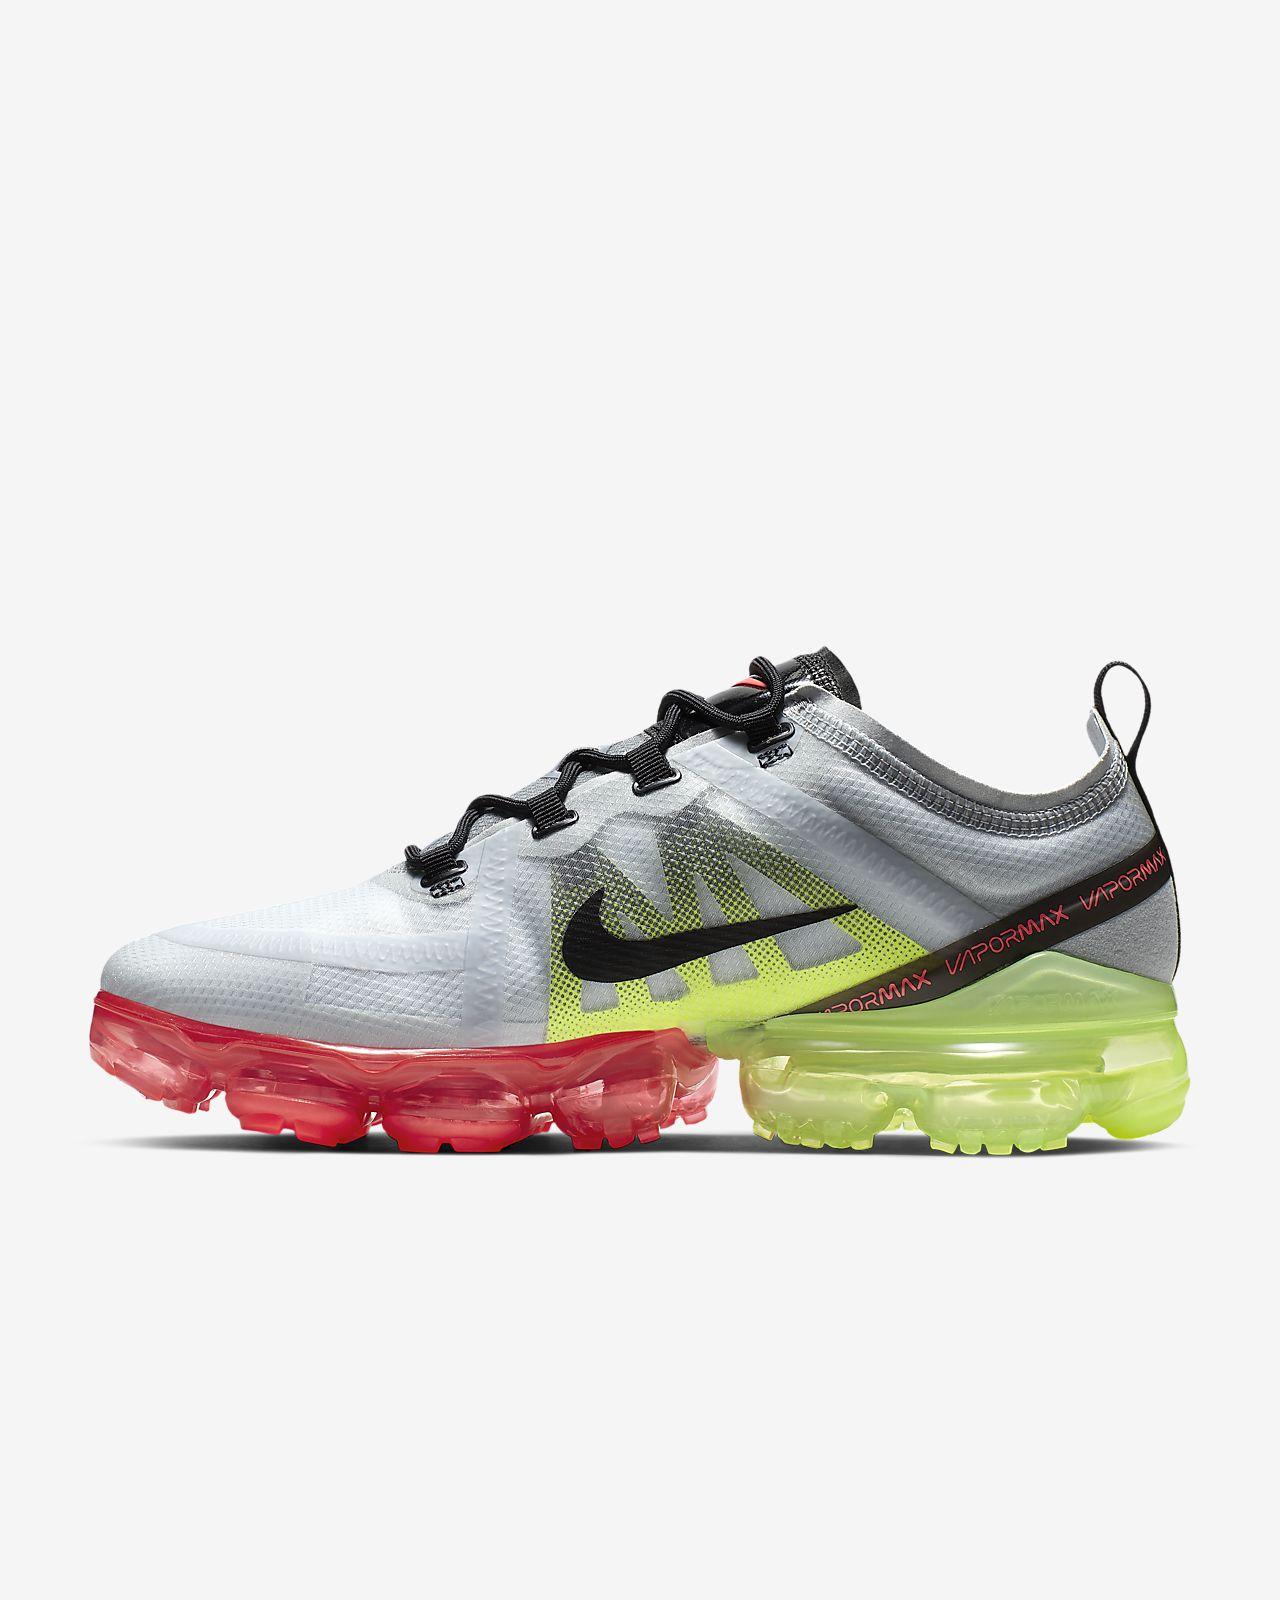 165e20a51e212 Nike Air VaporMax 2019 Shoe. Nike.com